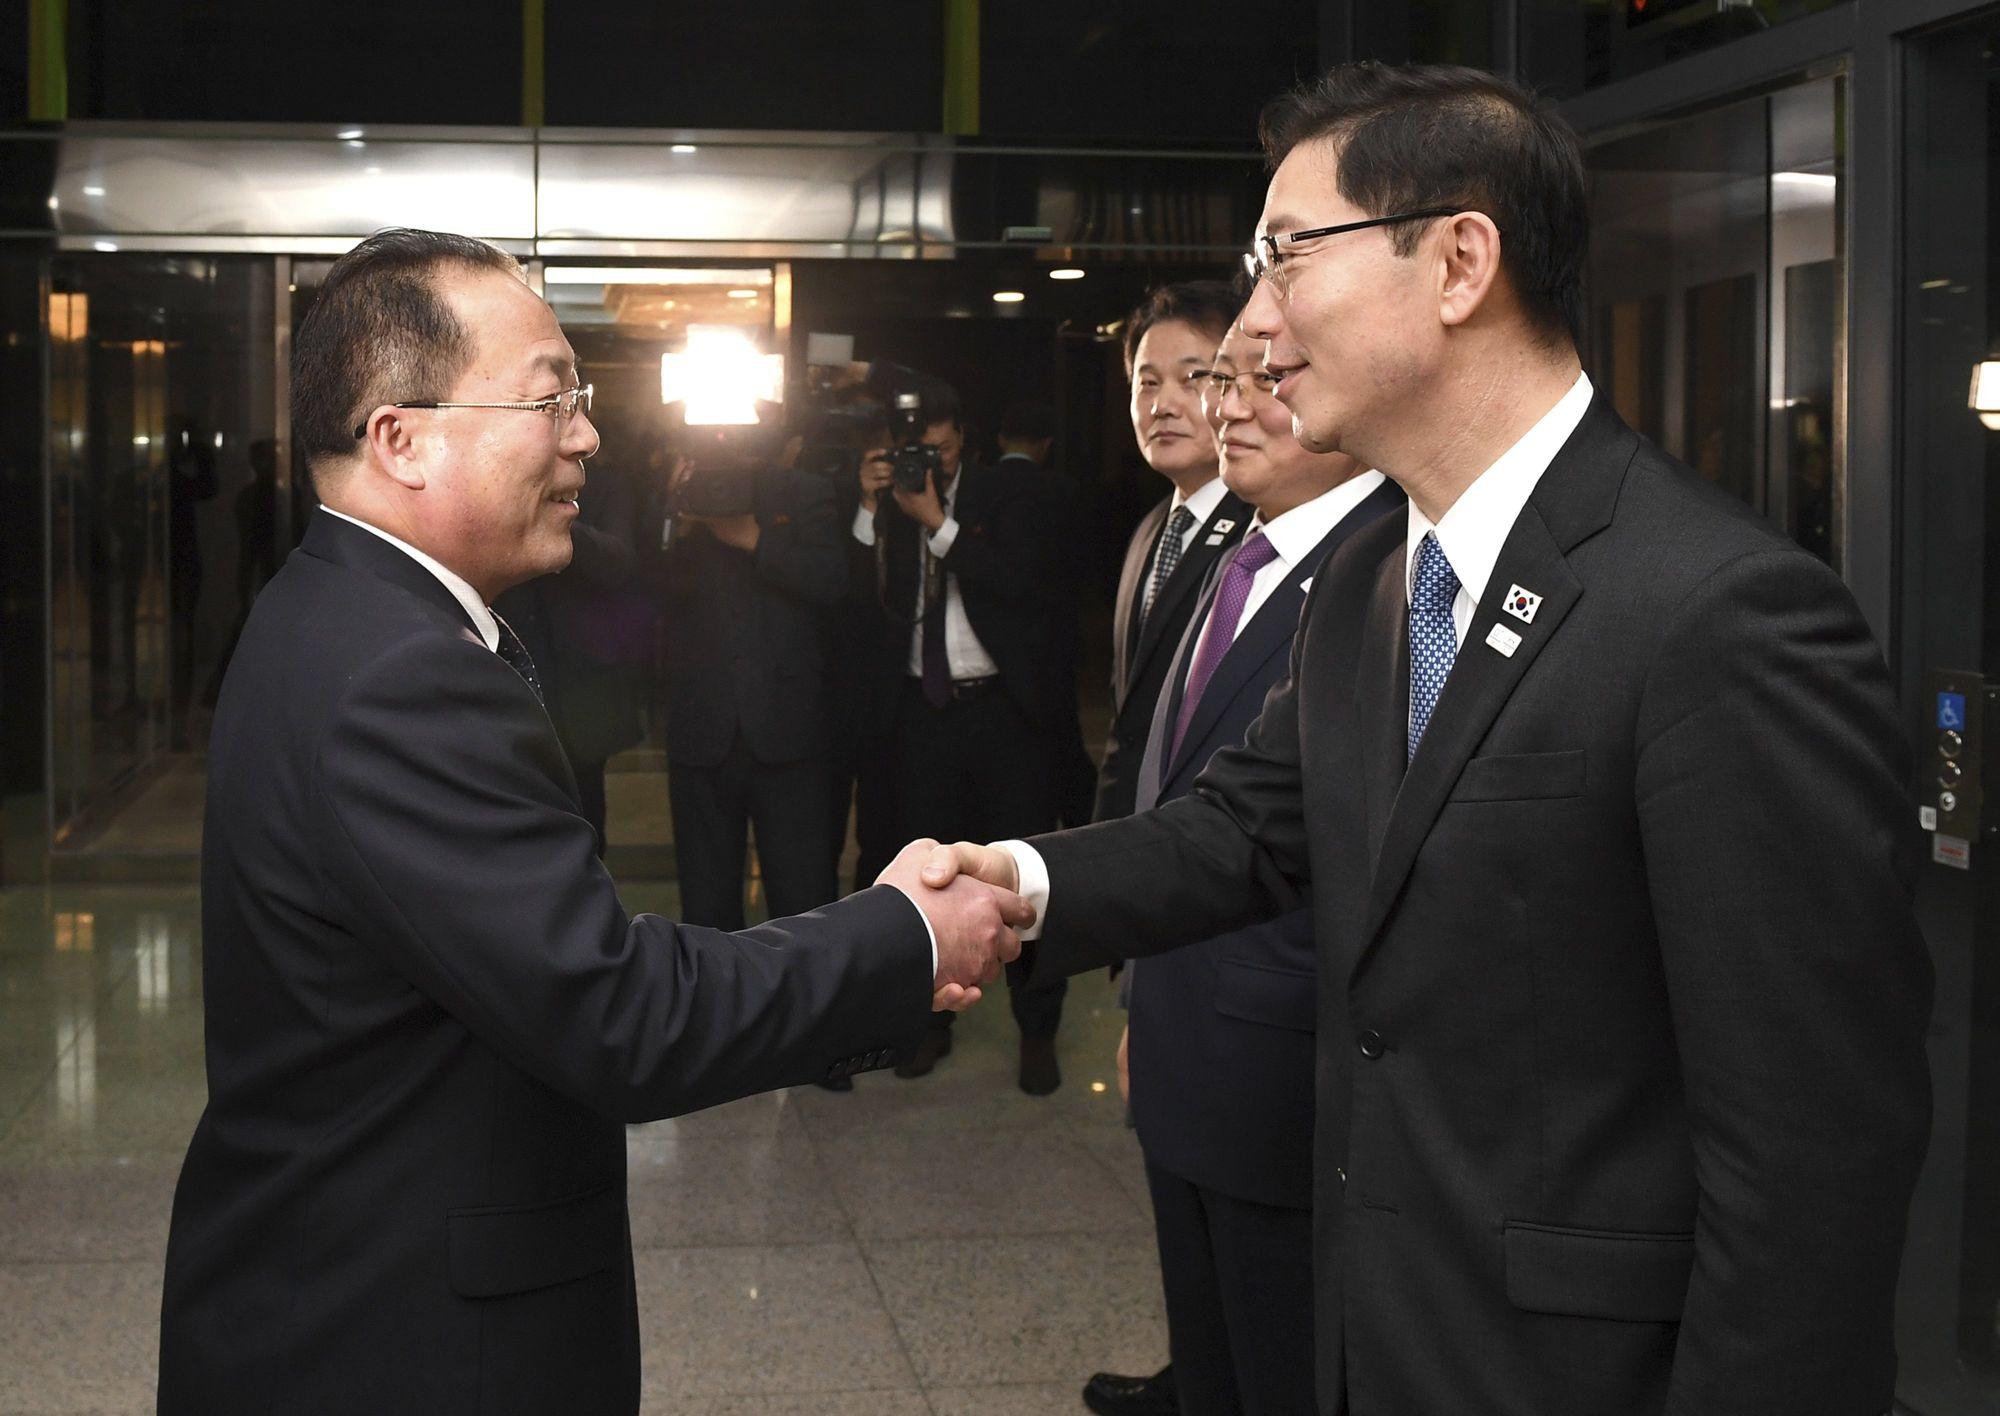 A dél-koreai egyesítési minisztérium által közreadott képen Csun He Szung dél-koreai egyesítési miniszter-helyettes (j) és Dzson Dzsong Szu, az észak-koreai delegáció vezetője kezet fog a februári dél-koreai téli olimpián való észak-koreai részvételről tartott tárgyalás következő fordulója után a két Koreát elválasztó panmindzsoni demilitarizált övezet dél-koreai oldalán 2018. január 17-én. A felek megállapodtak abban, hogy Phenjan sportolókat, magas rangú tisztviselőket és szurkolókat küld a téli olimpiára. (MTI/AP/Dél-koreai egyesítési minisztérium)